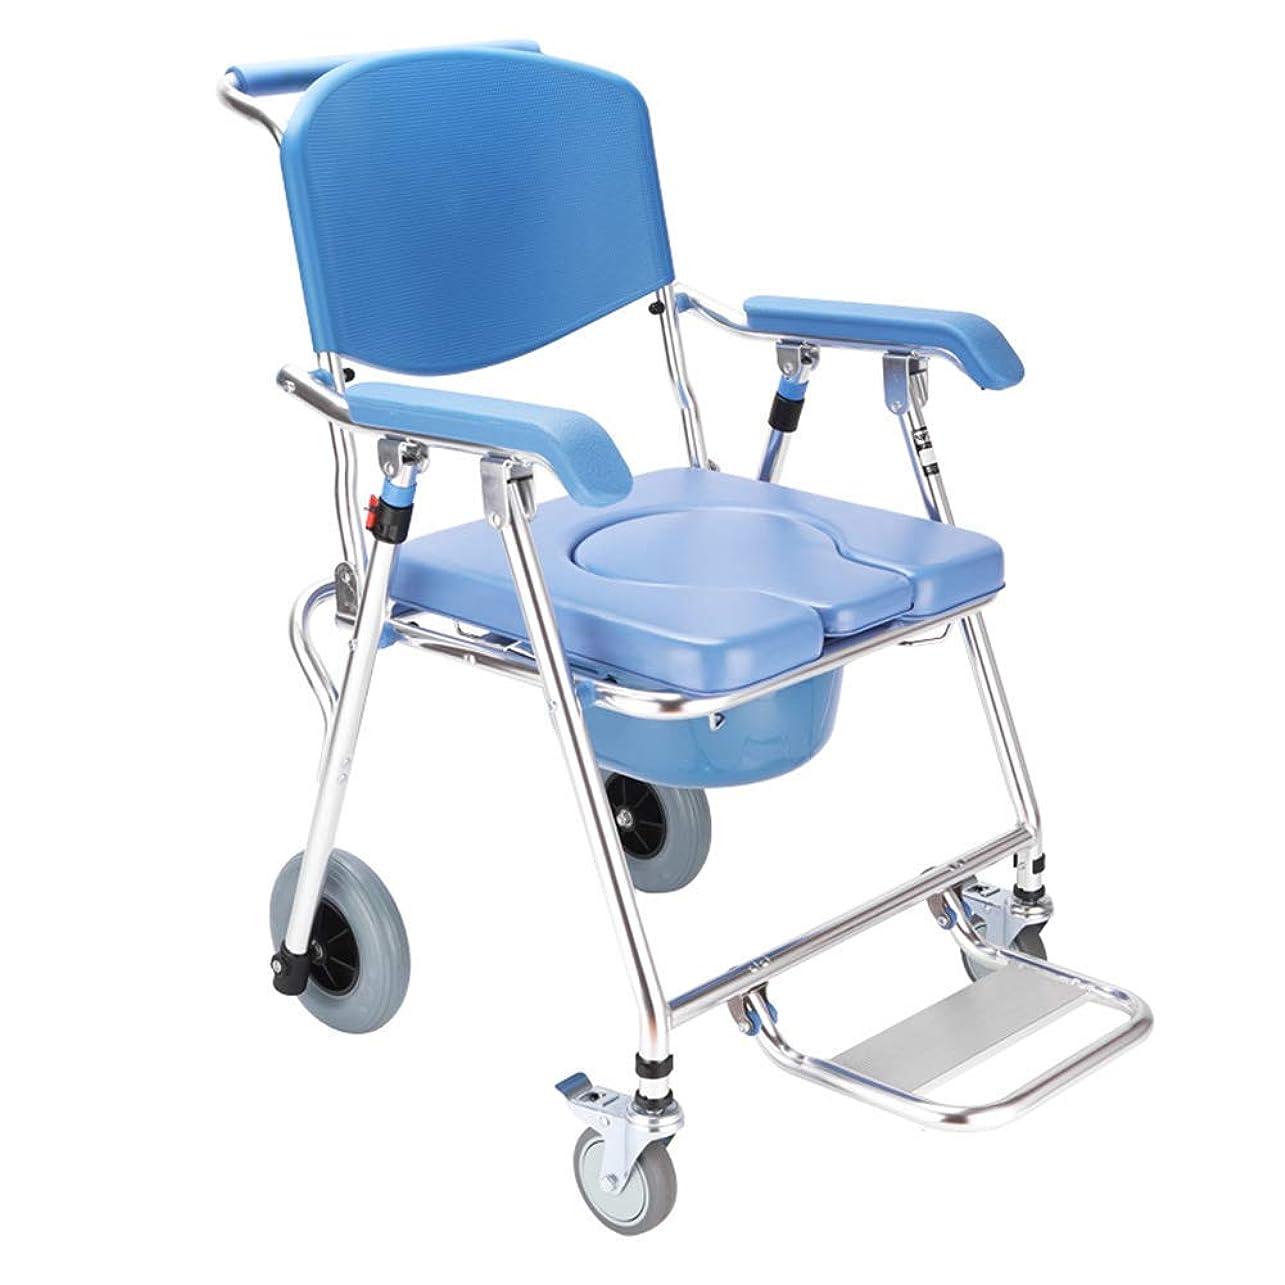 悪名高い代わりにを立てるあるトイレ付き軽量輸送車椅子、8インチホイール付きの大人用折りたたみ輸送椅子(アルミニウム合金)